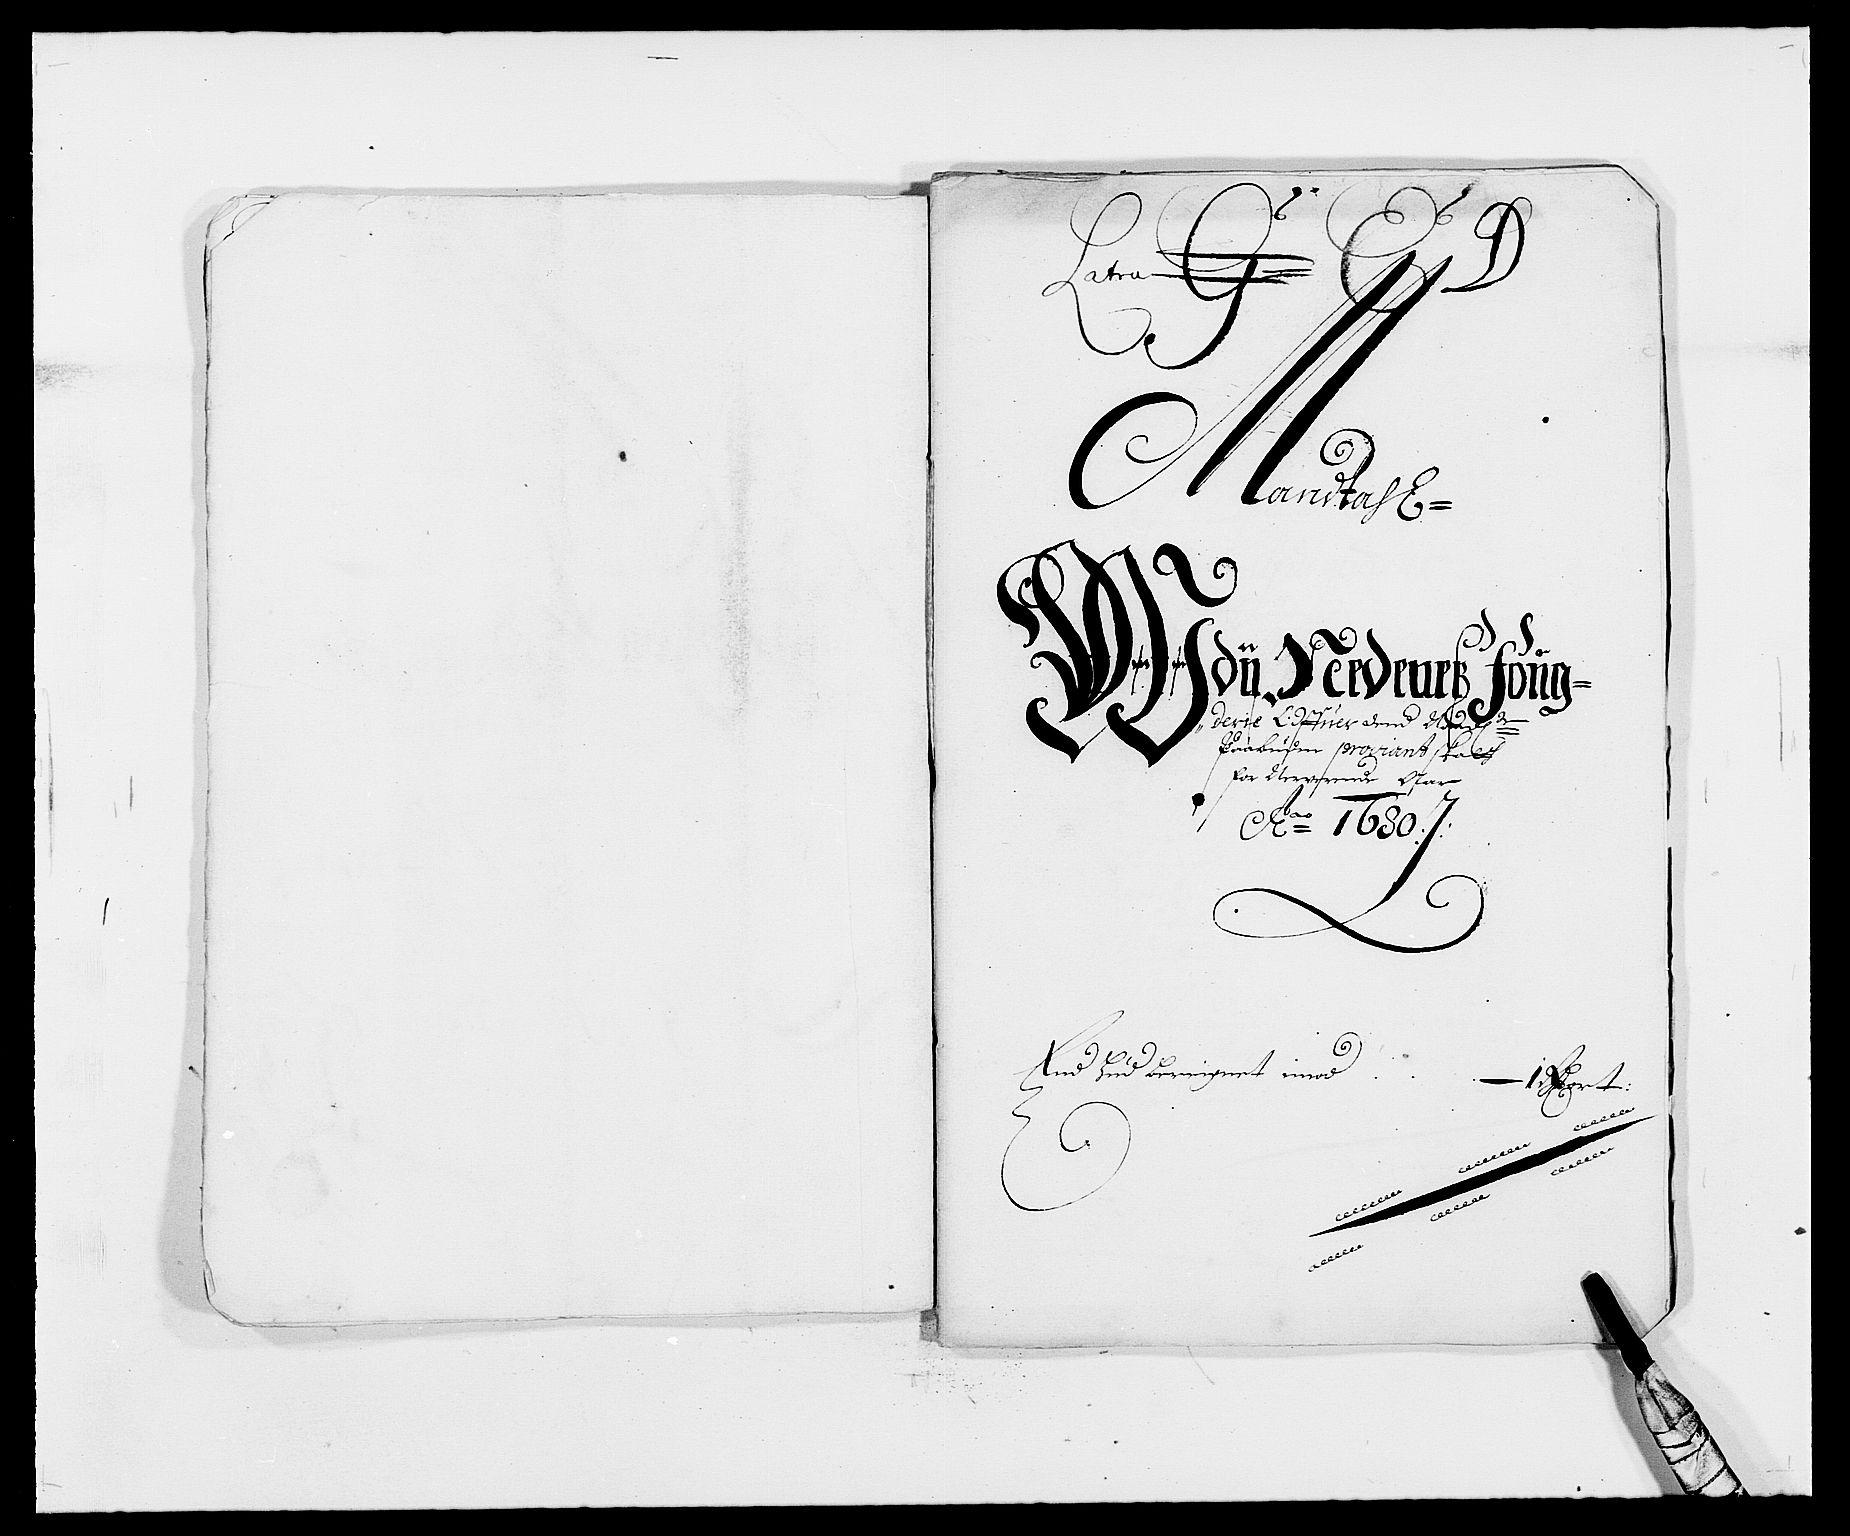 RA, Rentekammeret inntil 1814, Reviderte regnskaper, Fogderegnskap, R39/L2304: Fogderegnskap Nedenes, 1680-1682, s. 83